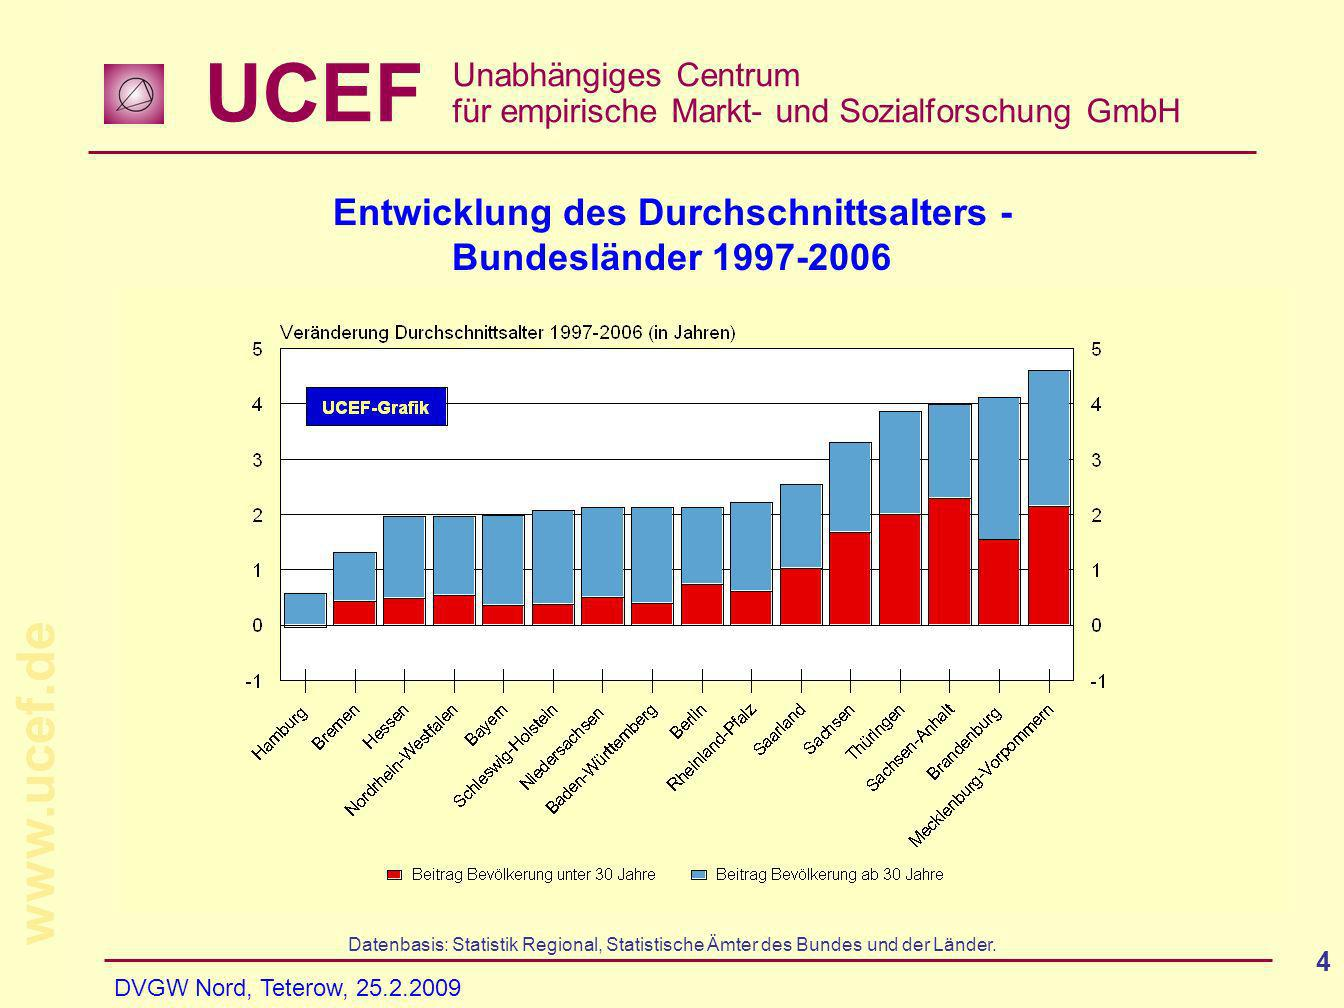 UCEF Unabhängiges Centrum für empirische Markt- und Sozialforschung GmbH www.ucef.de DVGW Nord, Teterow, 25.2.2009 4 Entwicklung des Durchschnittsalters - Bundesländer 1997-2006 Datenbasis: Statistik Regional, Statistische Ämter des Bundes und der Länder.